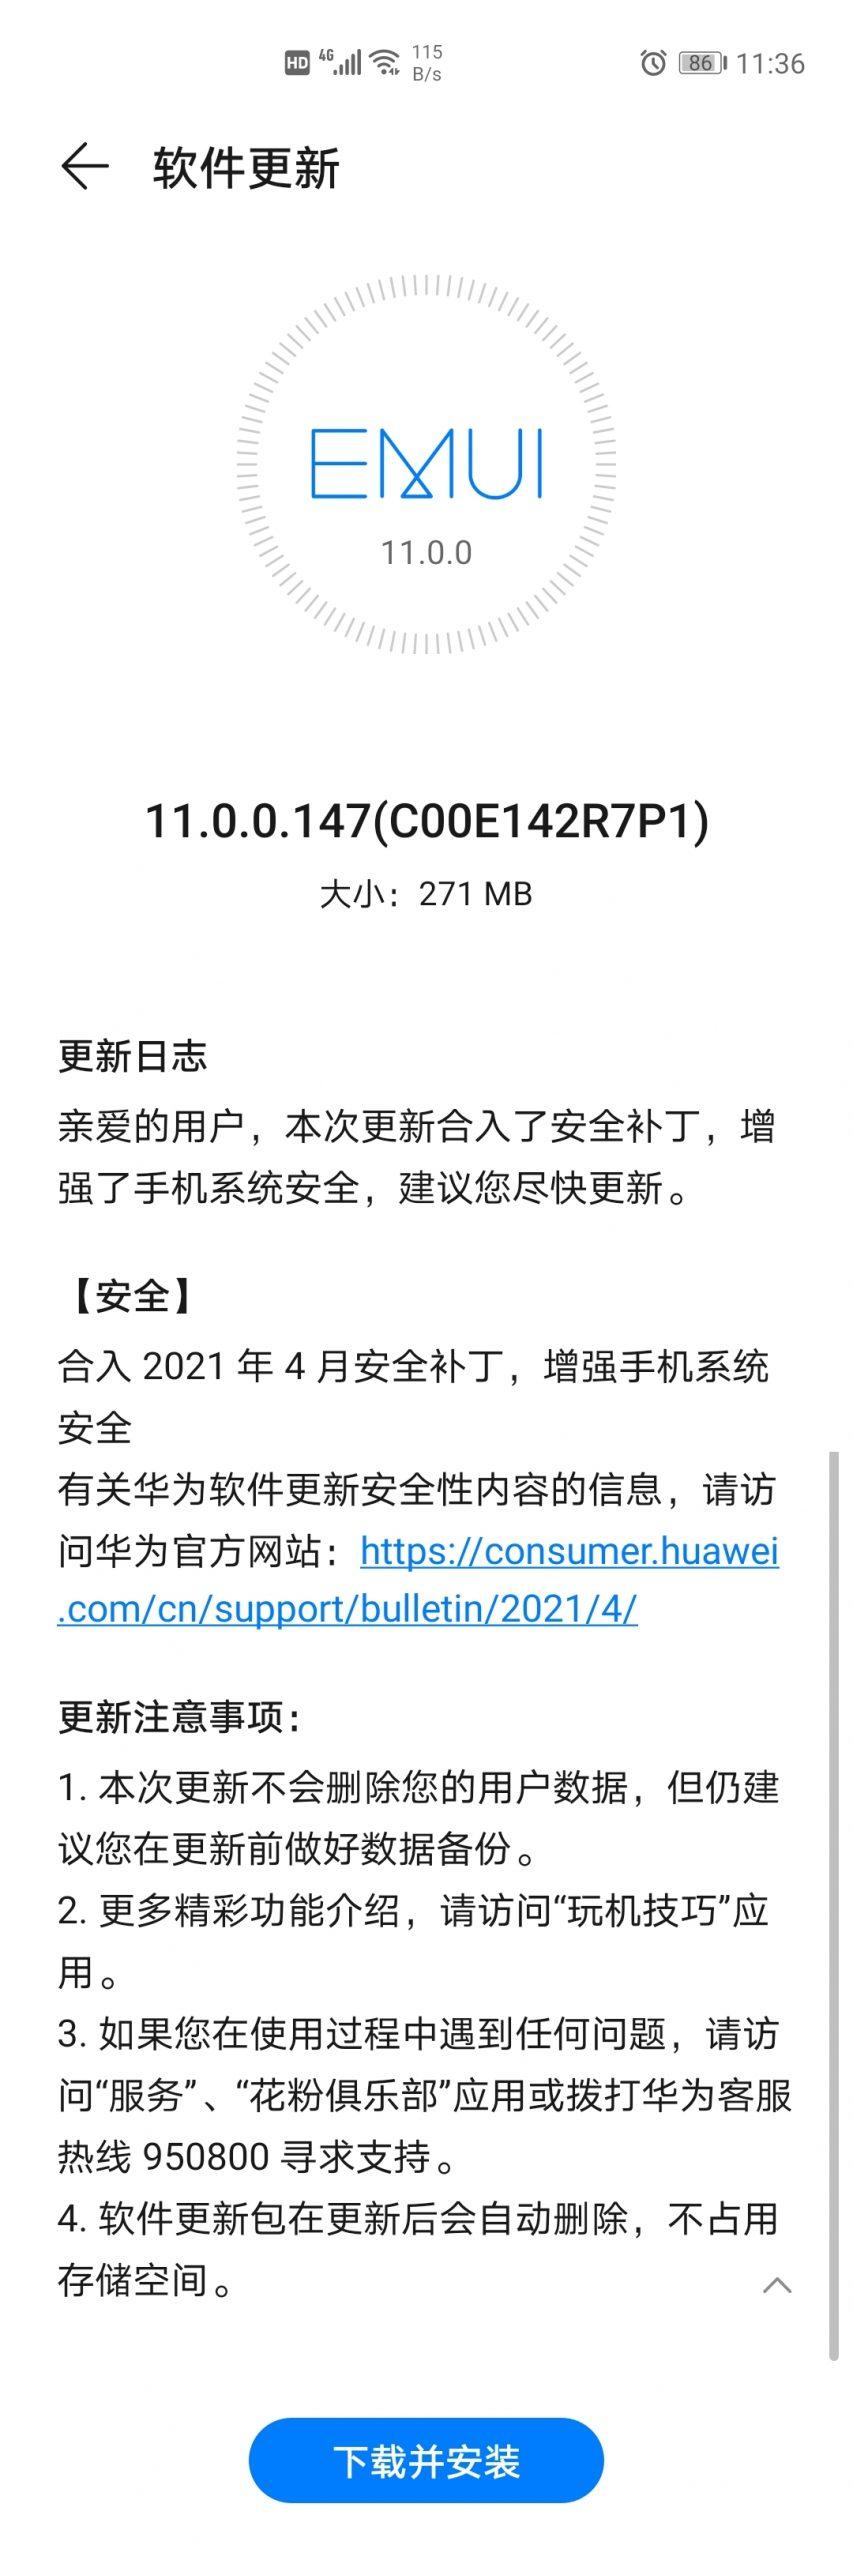 Huawei Nova 7 April 2021 security patch update